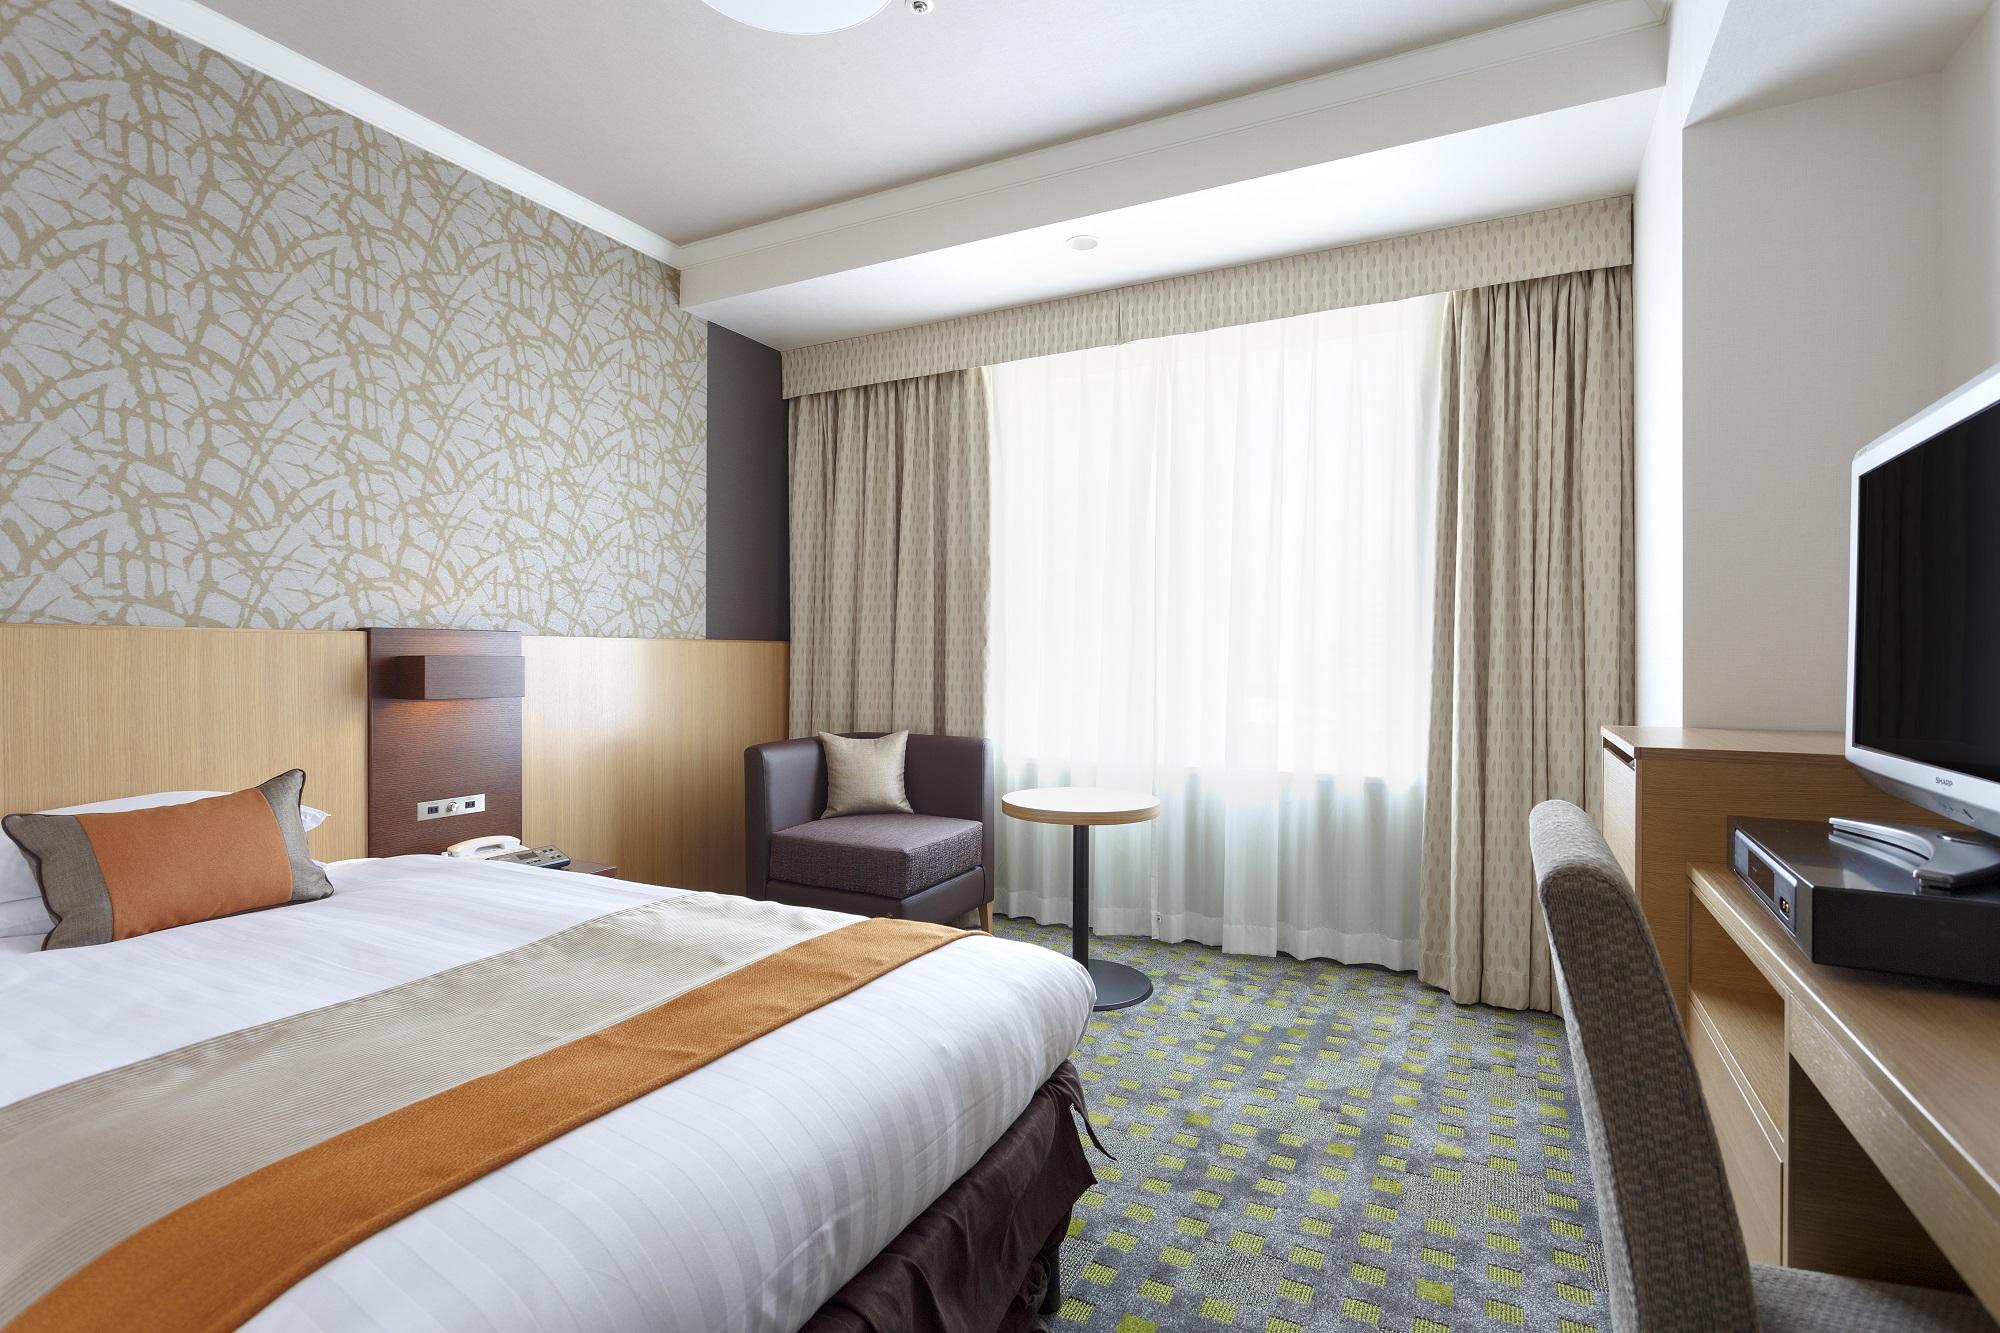 《おひとり様の贅沢渋谷ステイ》インルームダイニングランチ付きホテルステイプラン